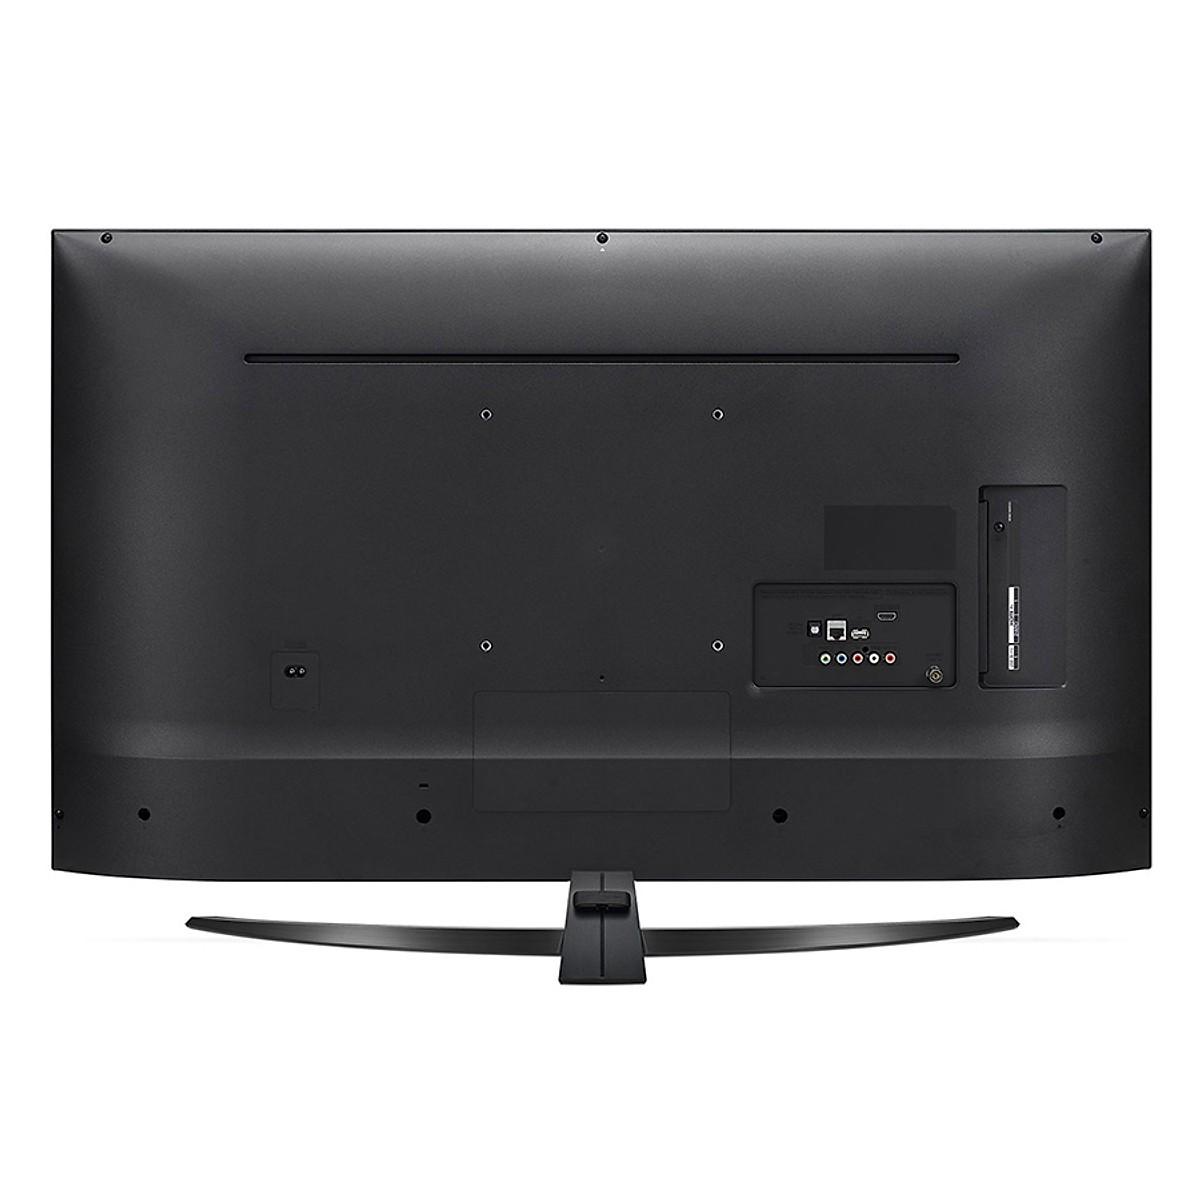 Smart Tivi LG 65 inch 4K UHD 65UM7400PTA - Hàng Chính Hãng + Tặng Khung Treo Cố Định